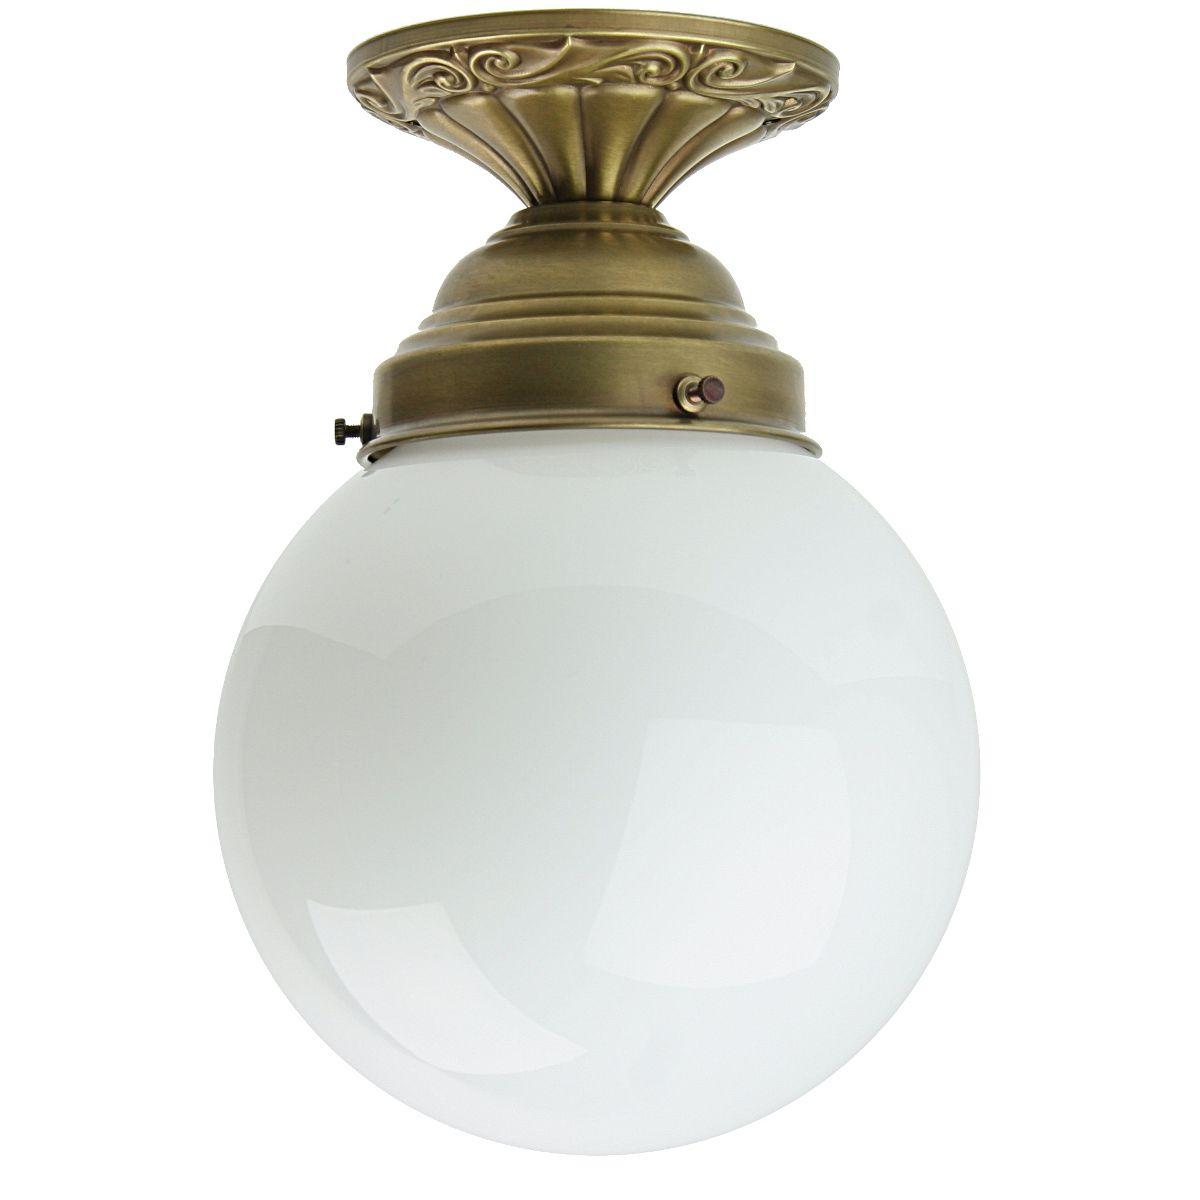 KugelglasOberfläche Design Mit Im Weißem Deckenlampe Jugendstil nwPk0O